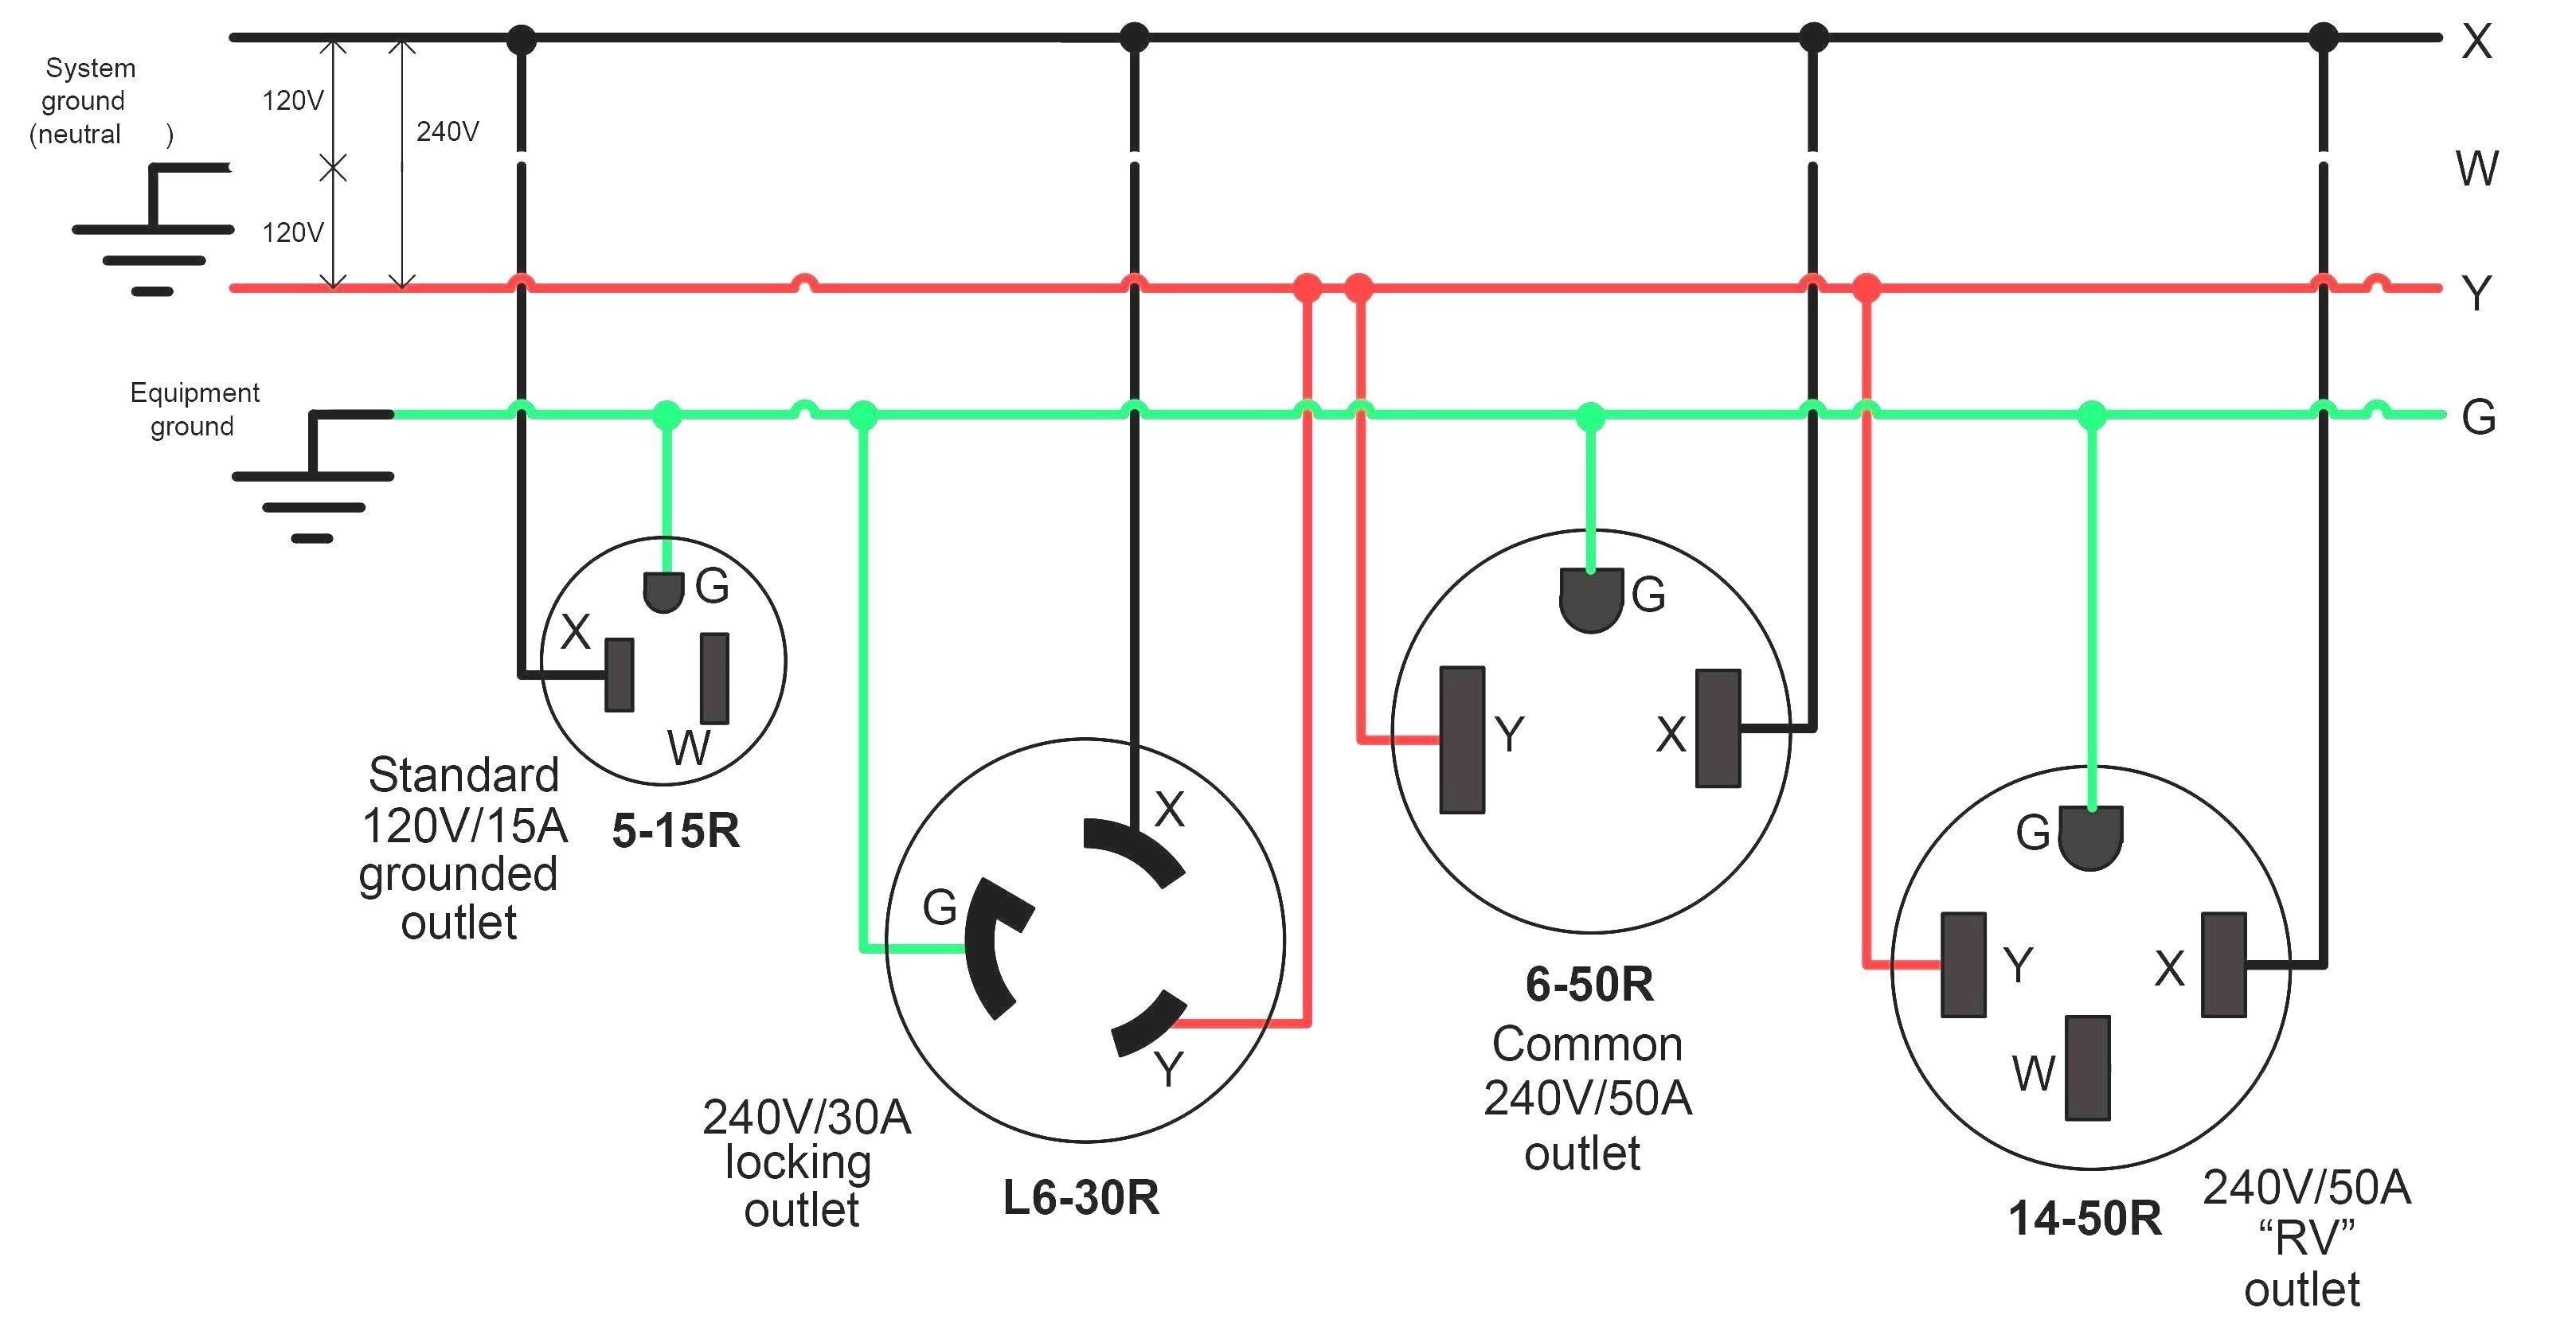 medium resolution of unique ac wiring color diagram wiringdiagram diagramming diagramm visuals visualisation